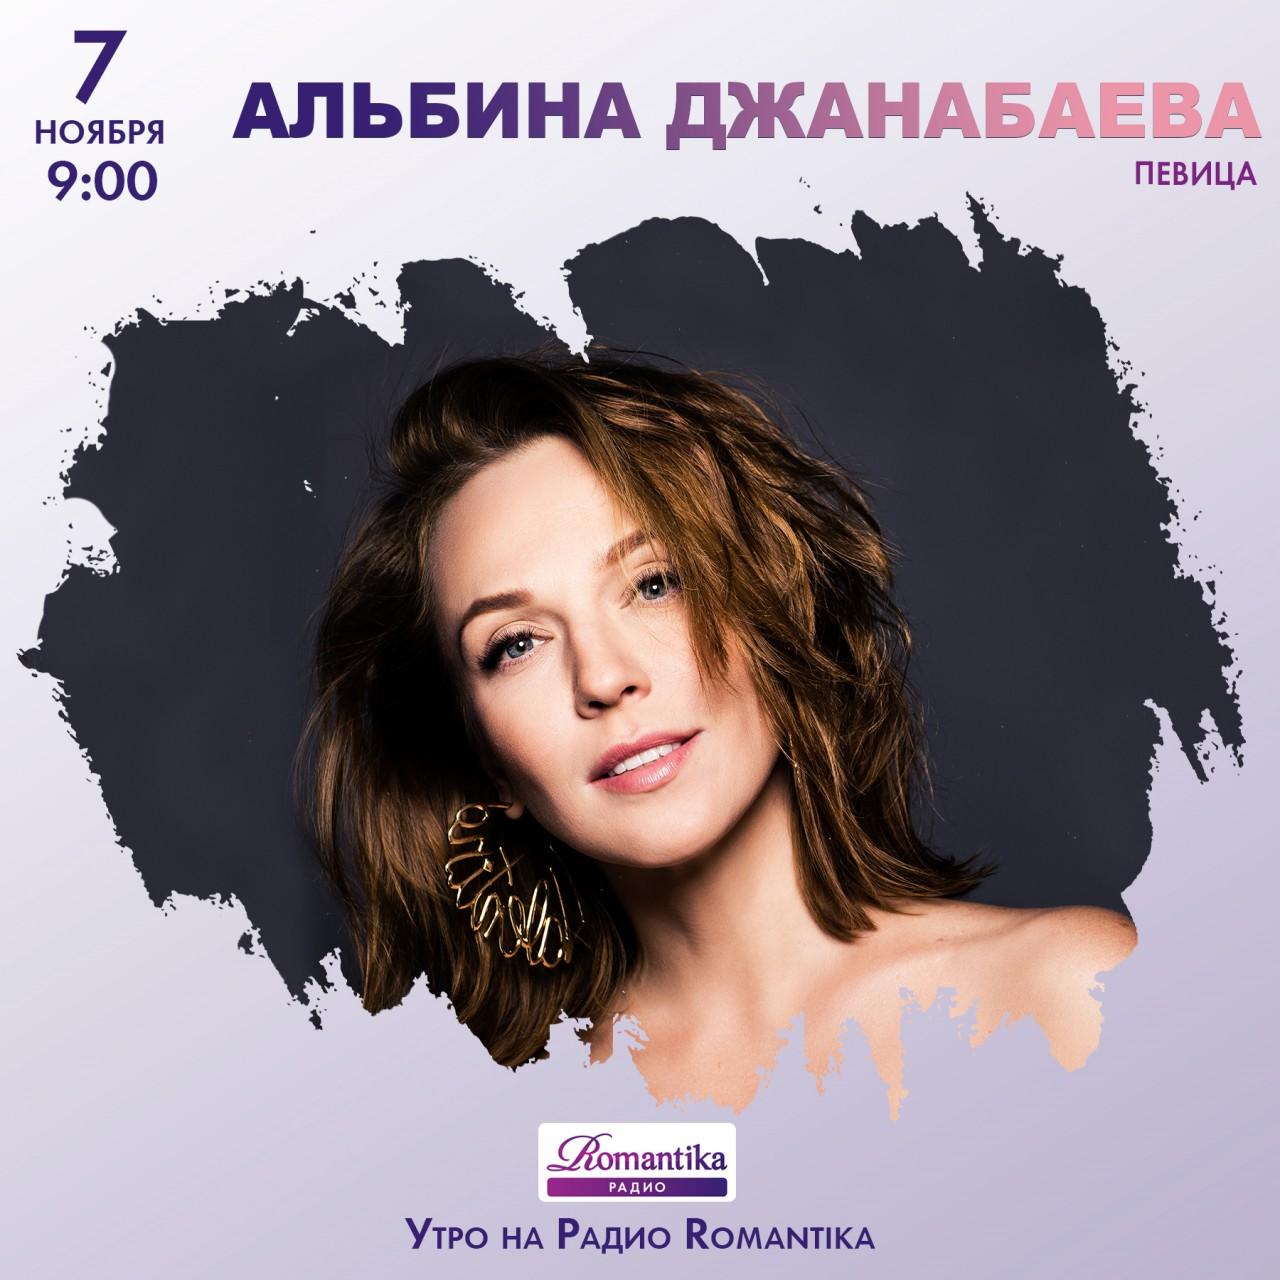 Радио Romantika: 7 ноября - в гостях Альбина Джанабаева